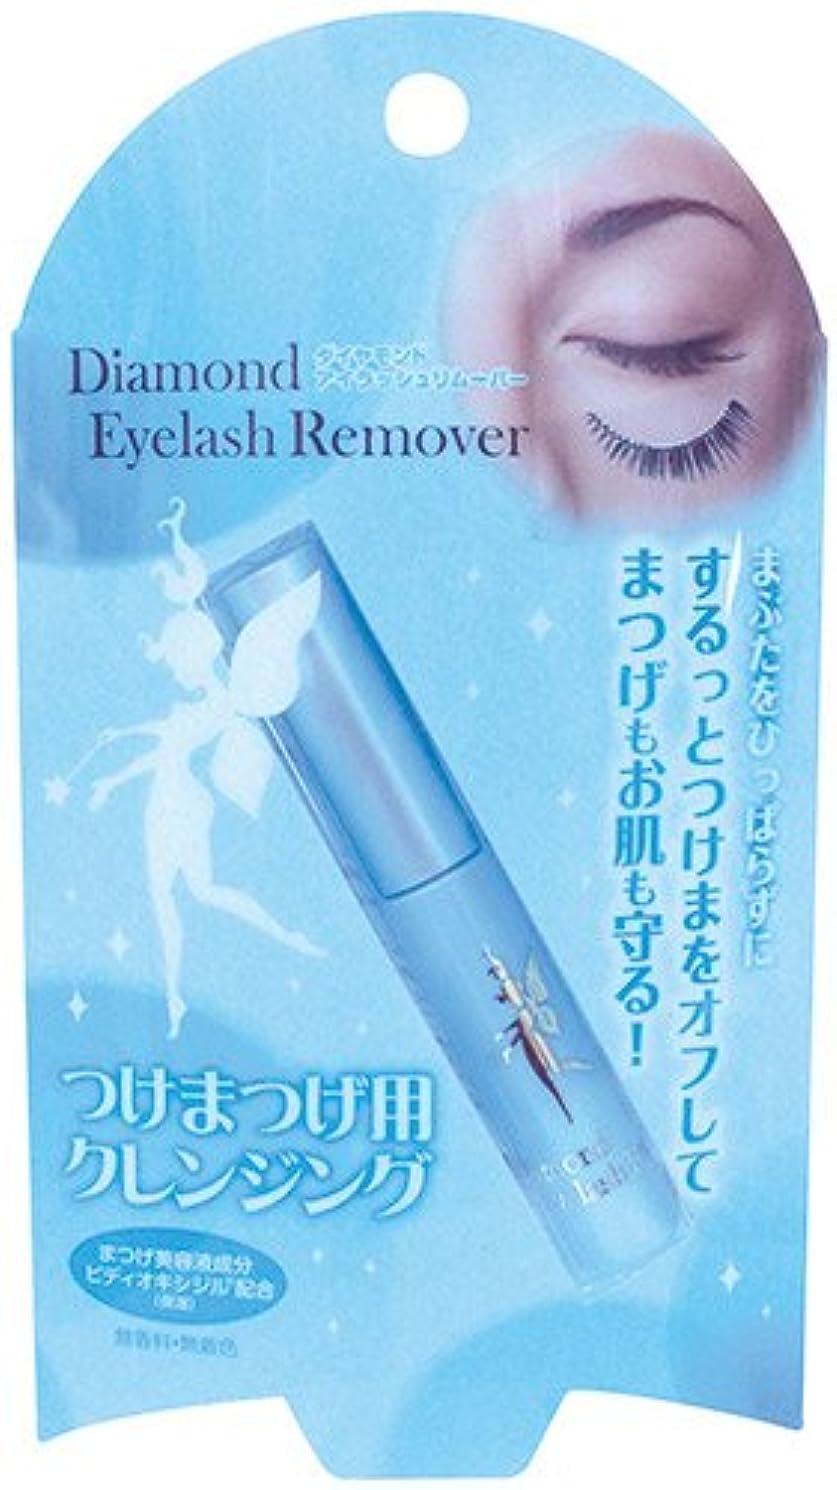 アラート水を飲むダイヤモンドアイラッシュ リムーバー 2.7mL